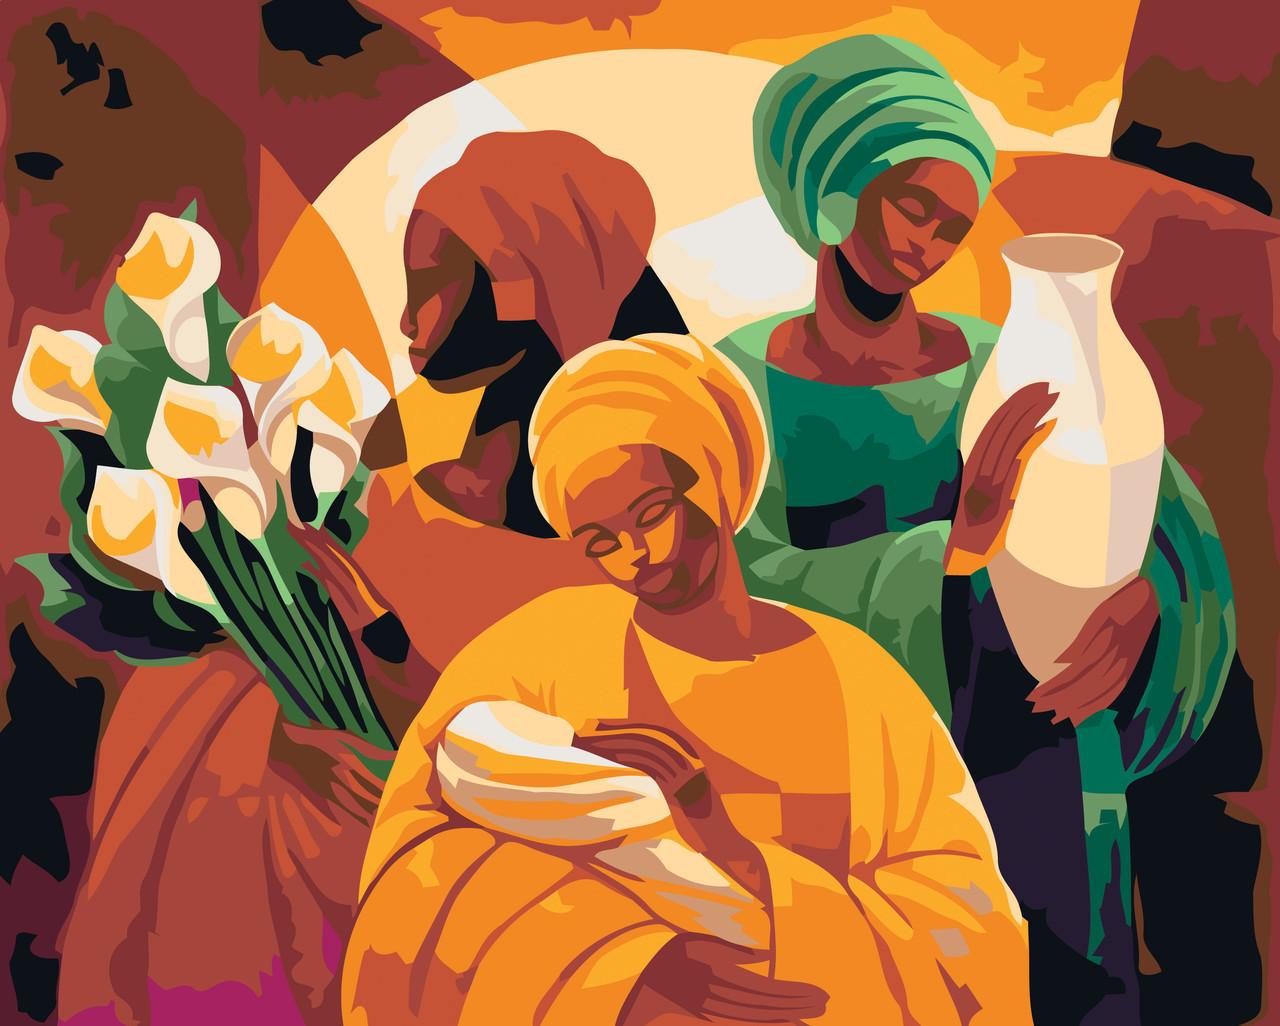 Картина по номерам Дары жизни , 40x50 см., Идейка